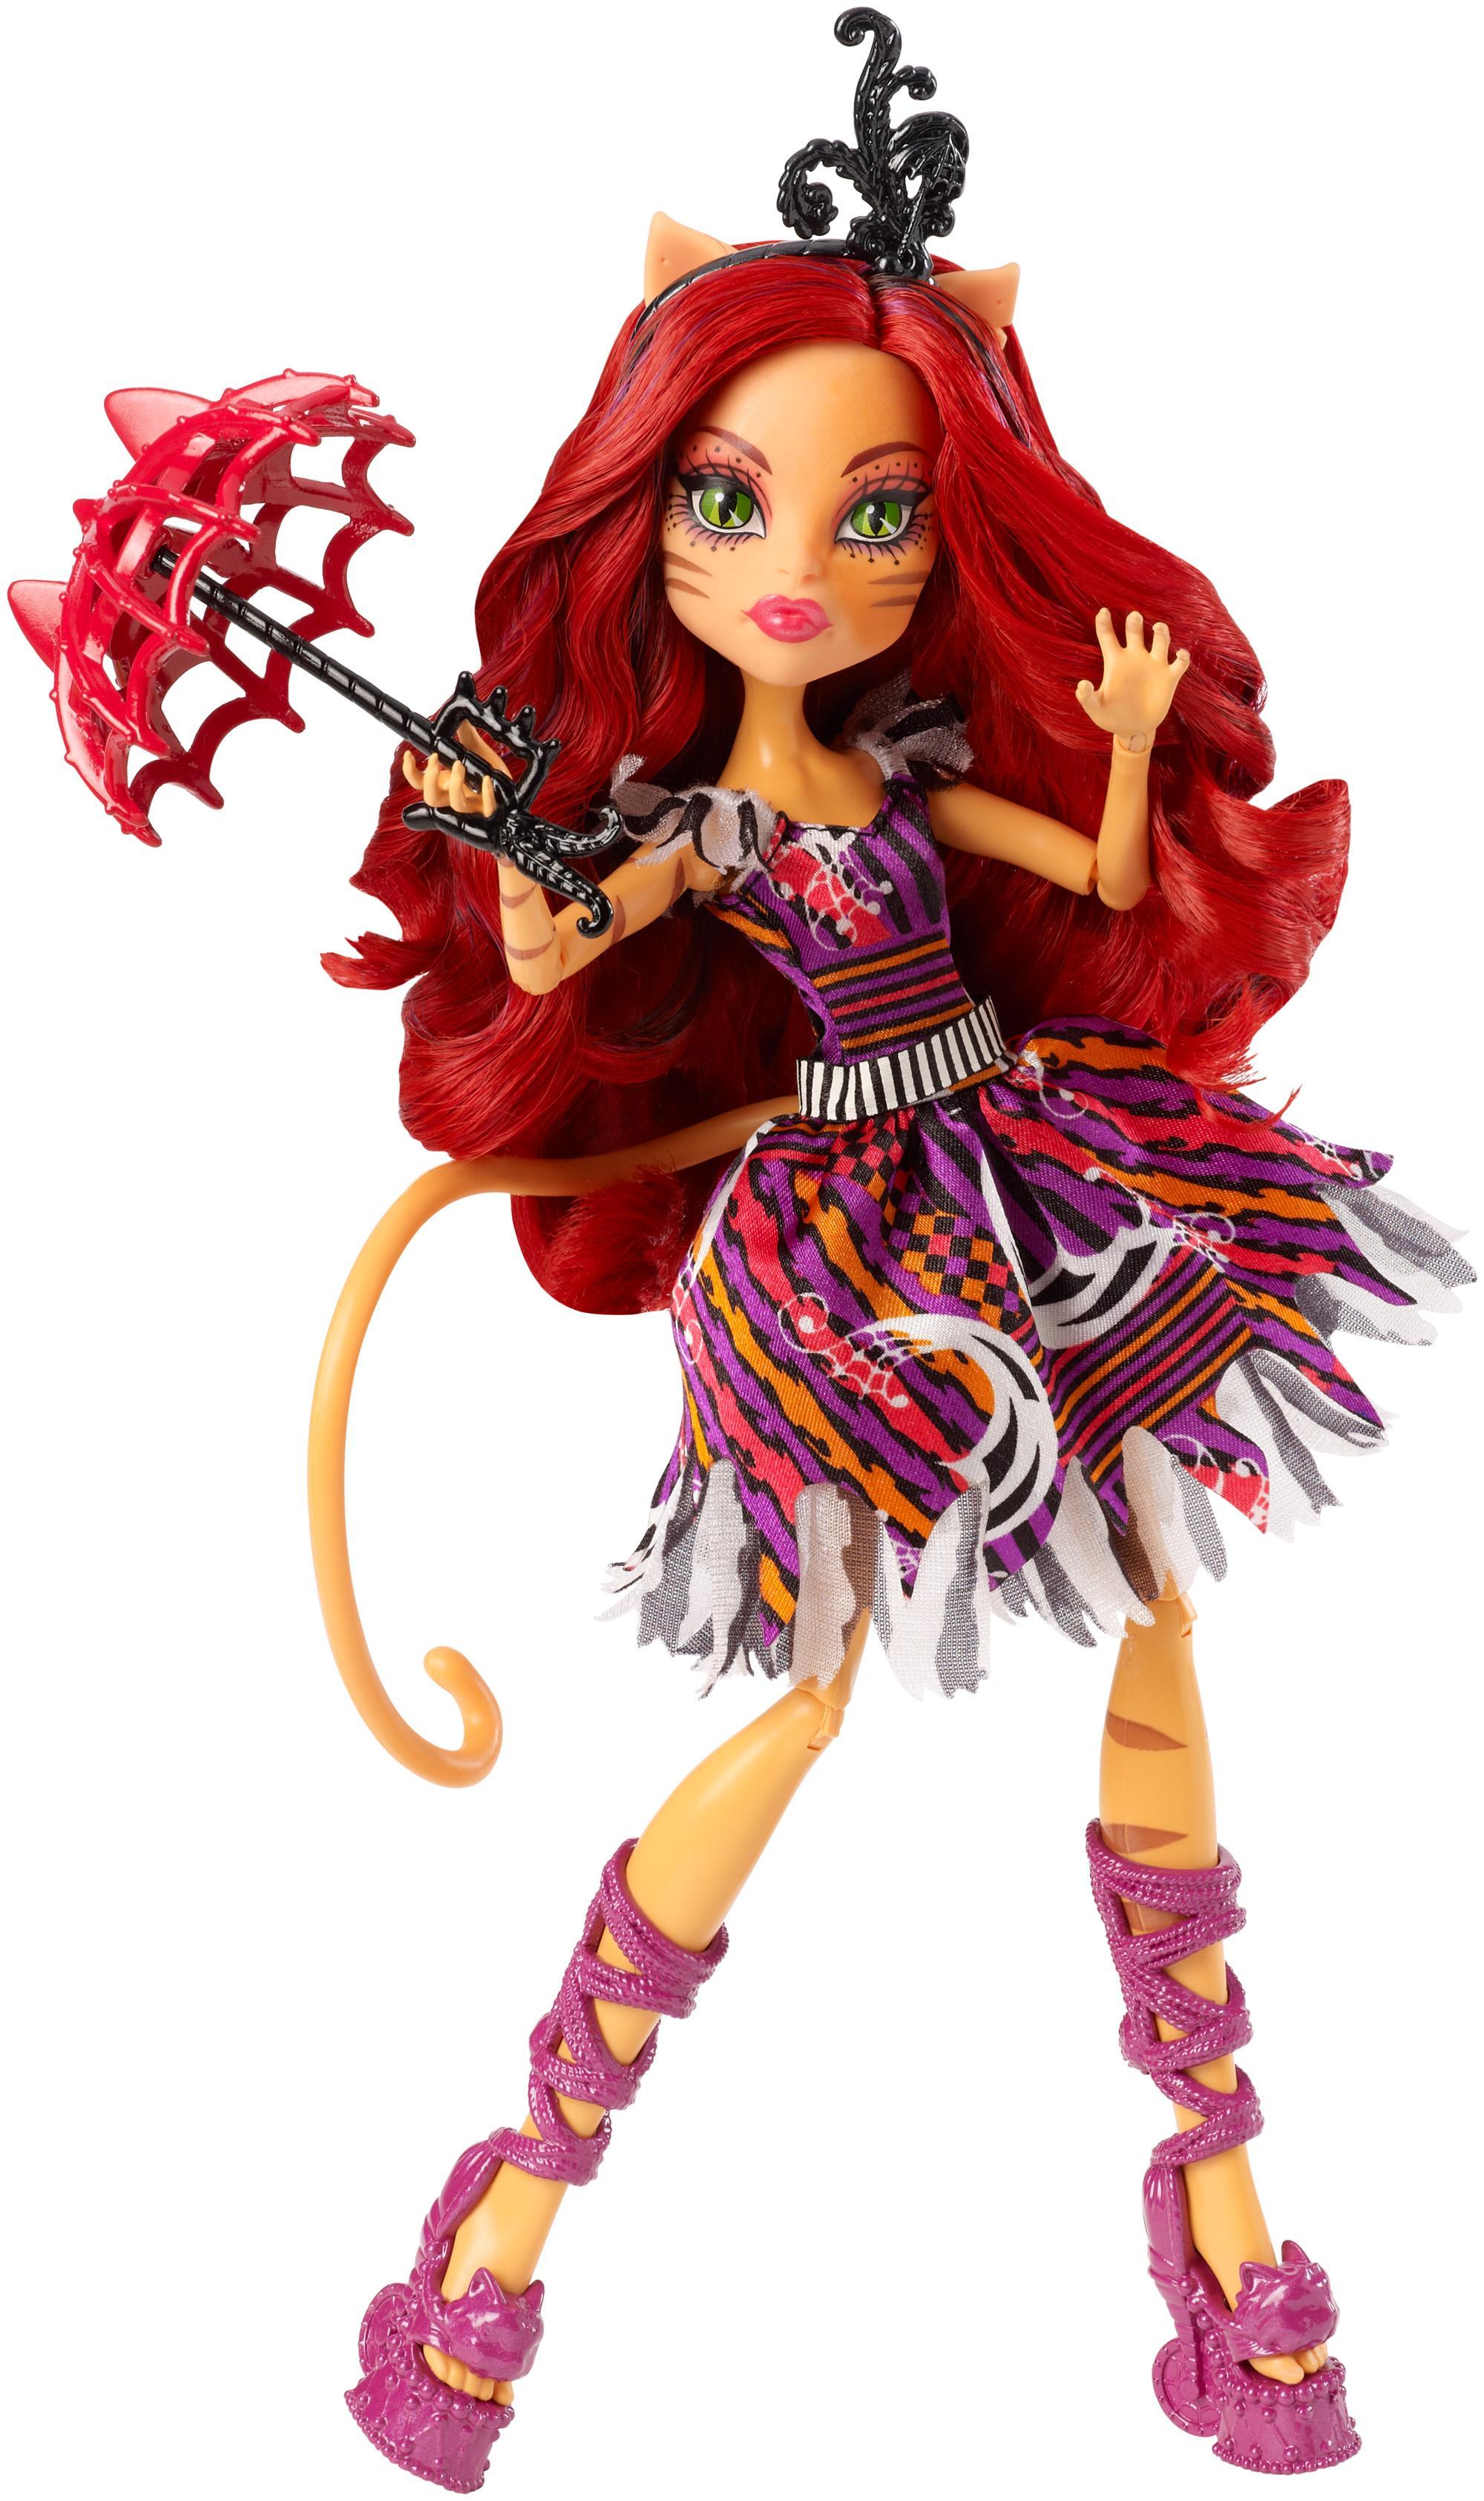 Monster high freak du chic toralei doll toys - Monster high toralei ...